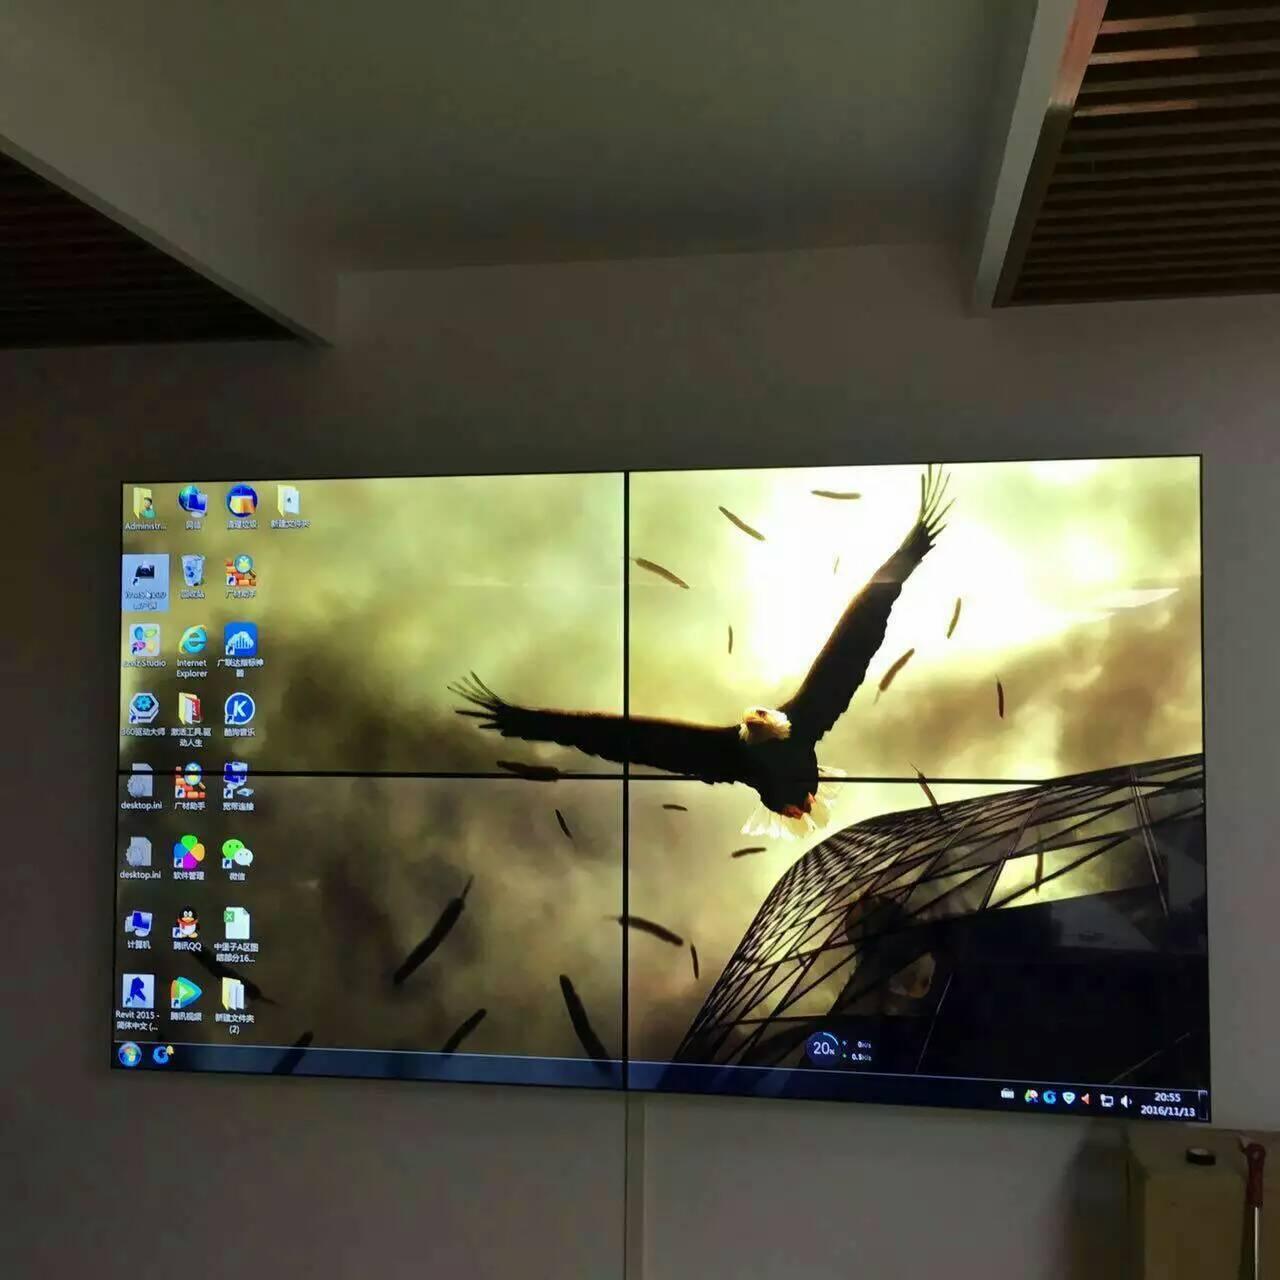 从客户DIY拼接屏安装案例,我们学到了什么